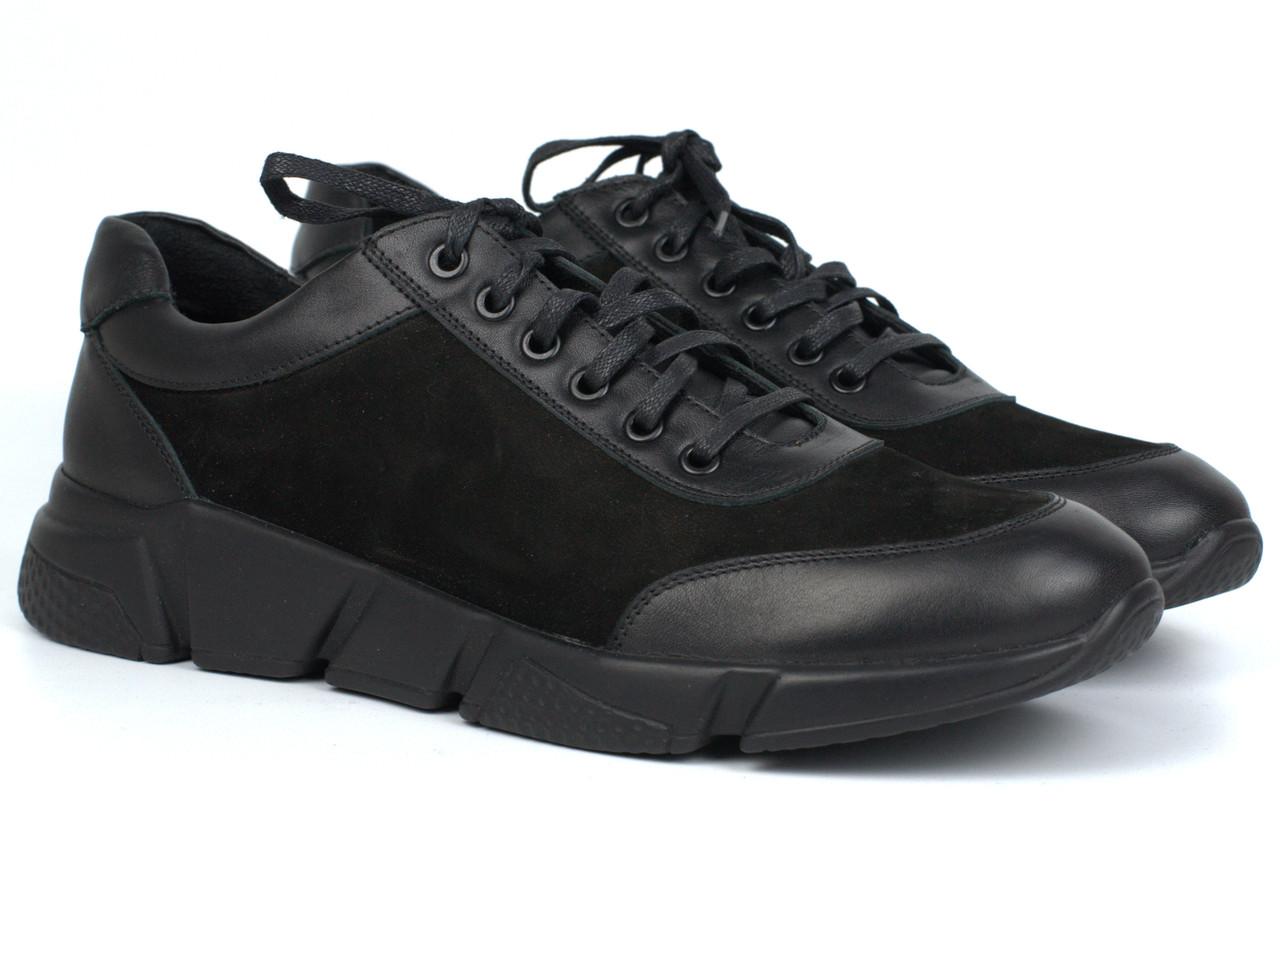 Кроссовки черные нубук мужская обувь больших размеров Rosso Avangard Ada Block Black NUB BS